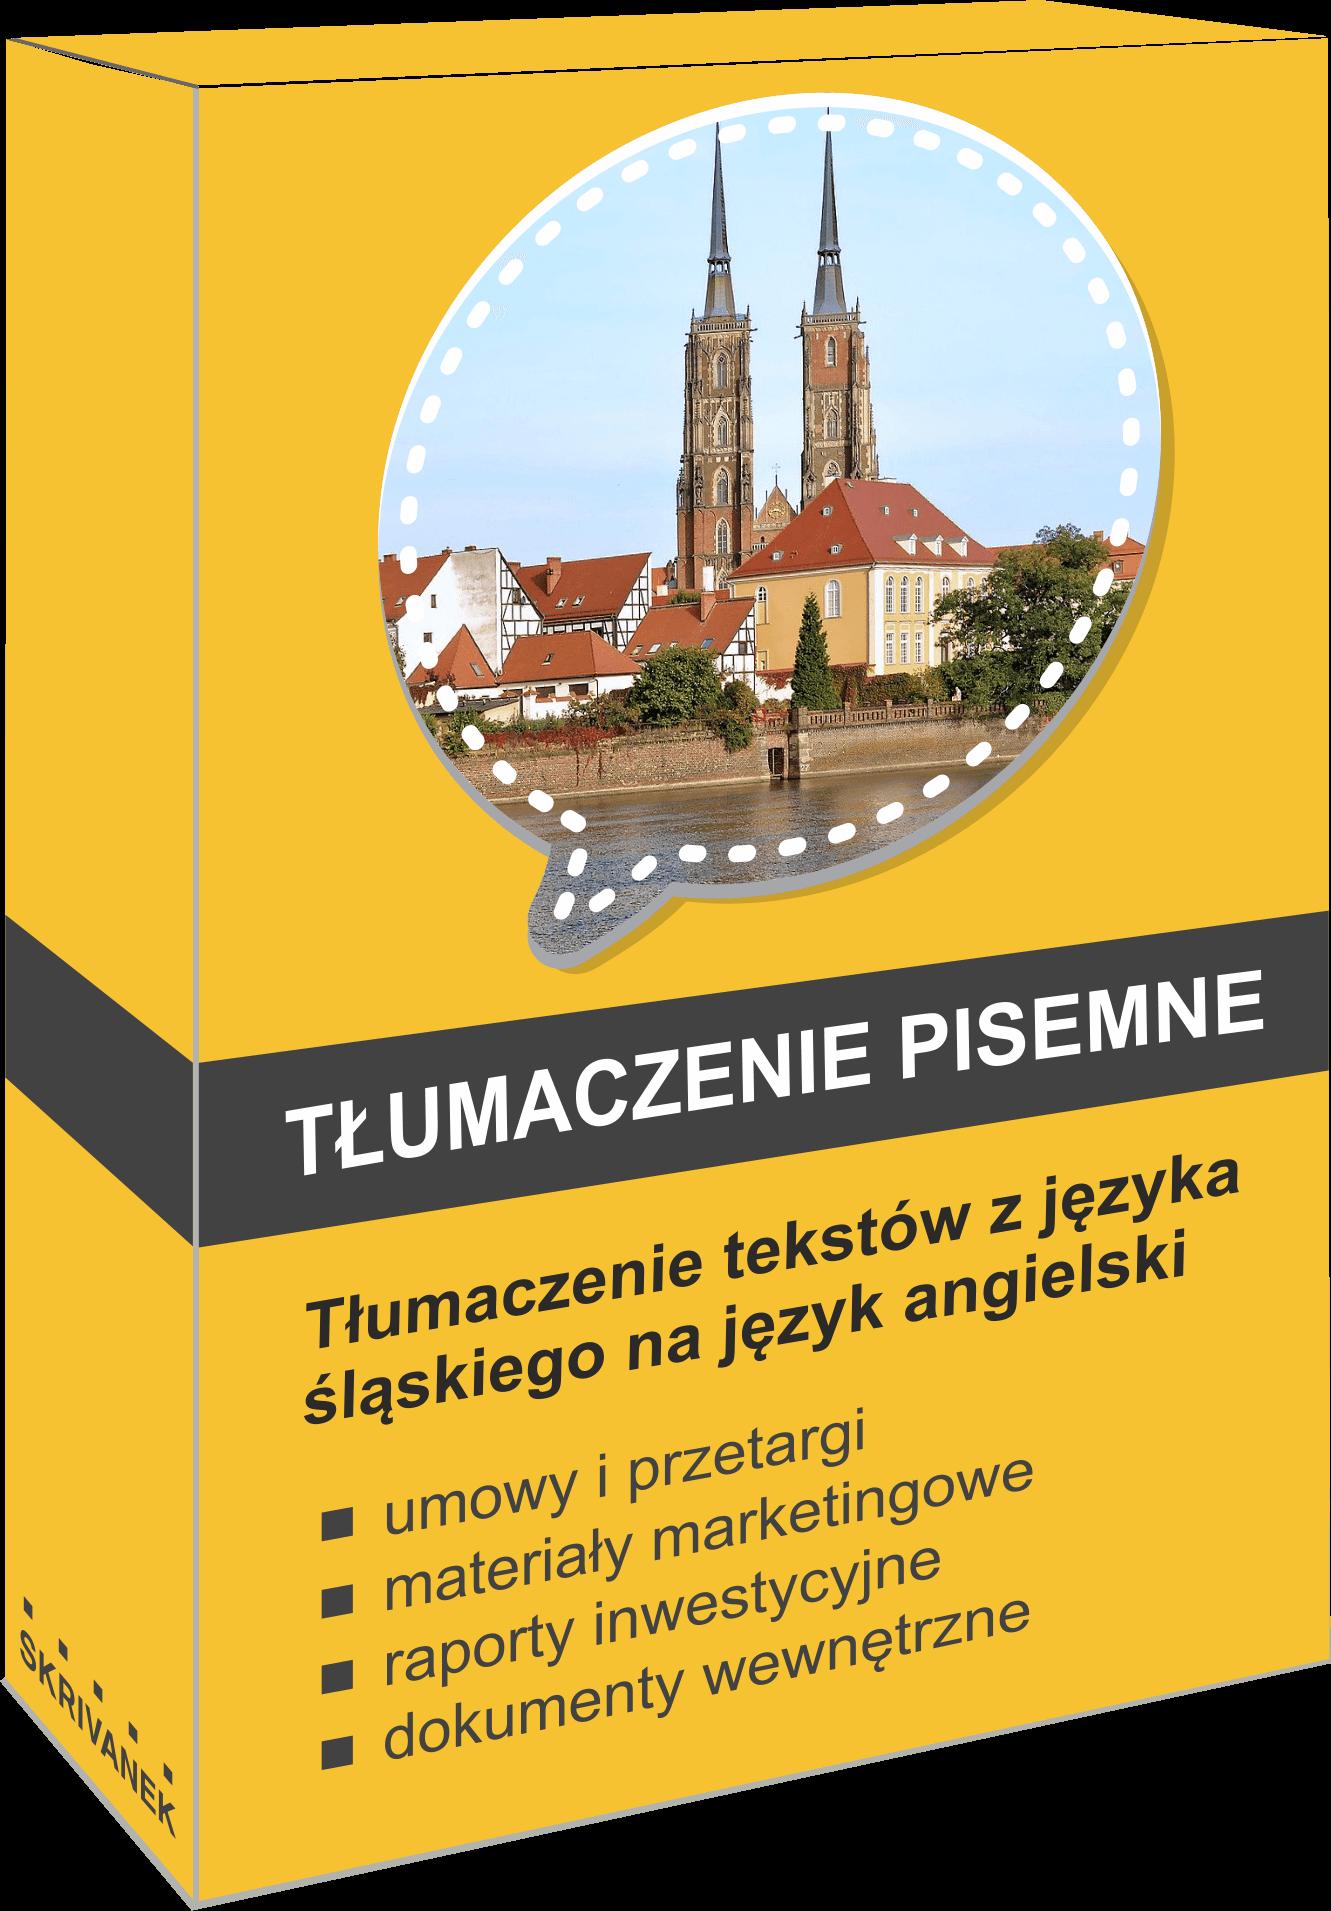 tłumacz języka śląskiego